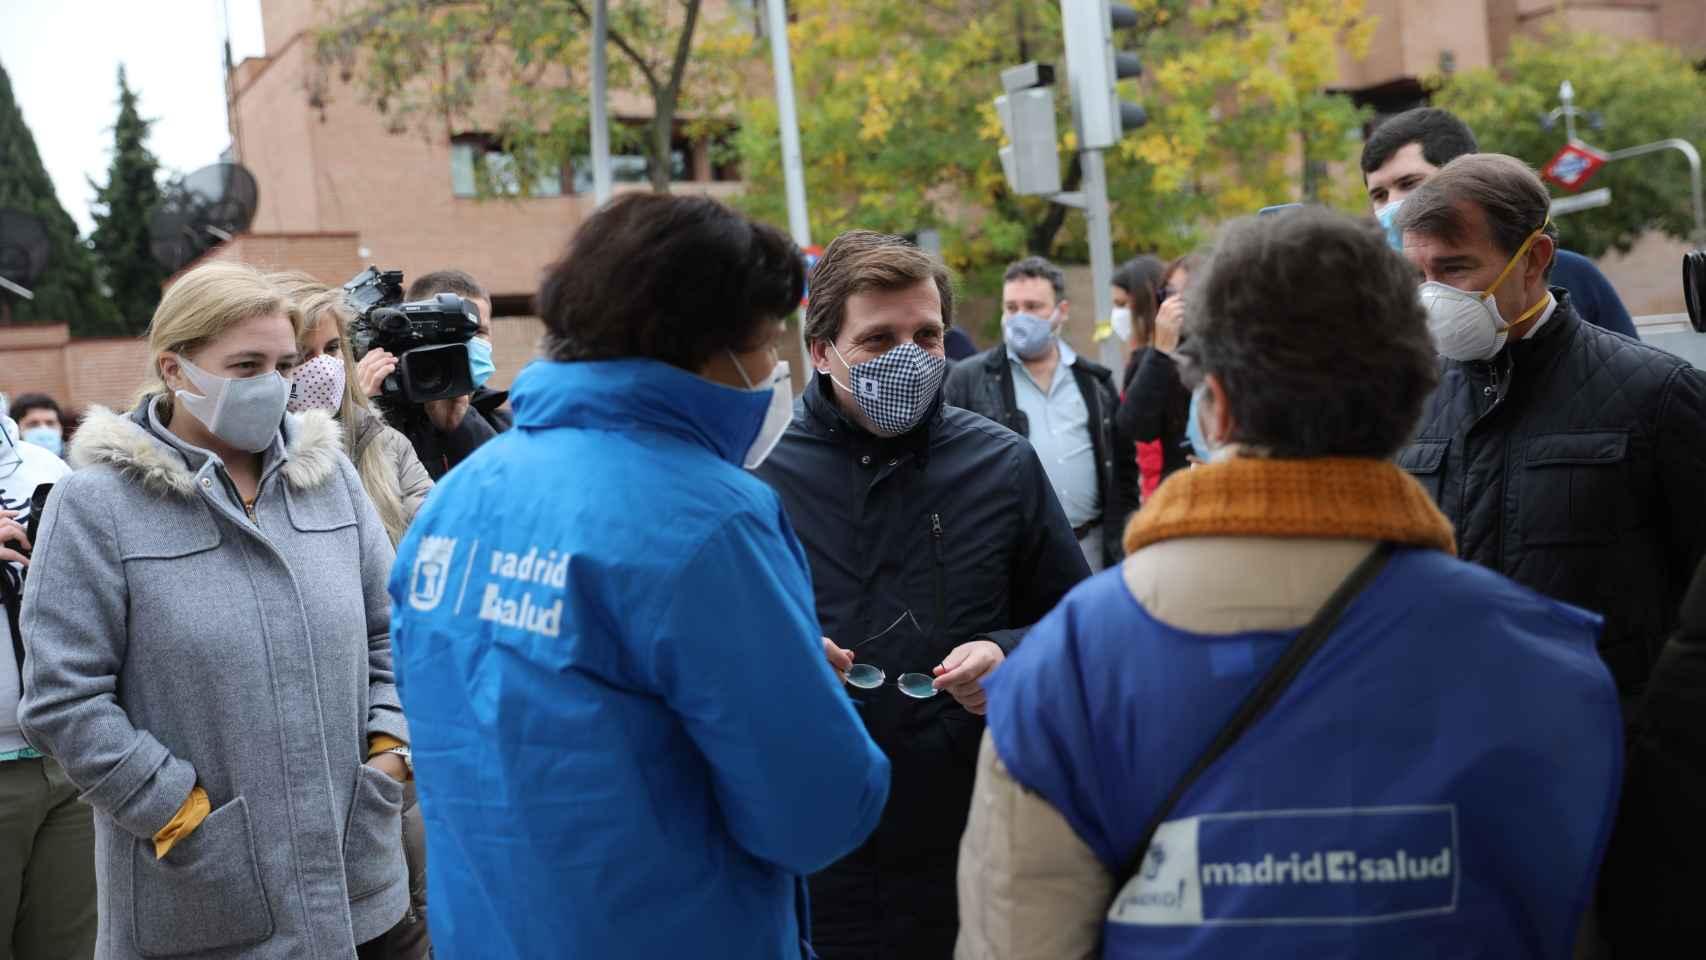 El alcalde de Madrid, José Luis Martínez Almeida, en un acto de concienciación para prevenir el COVID.